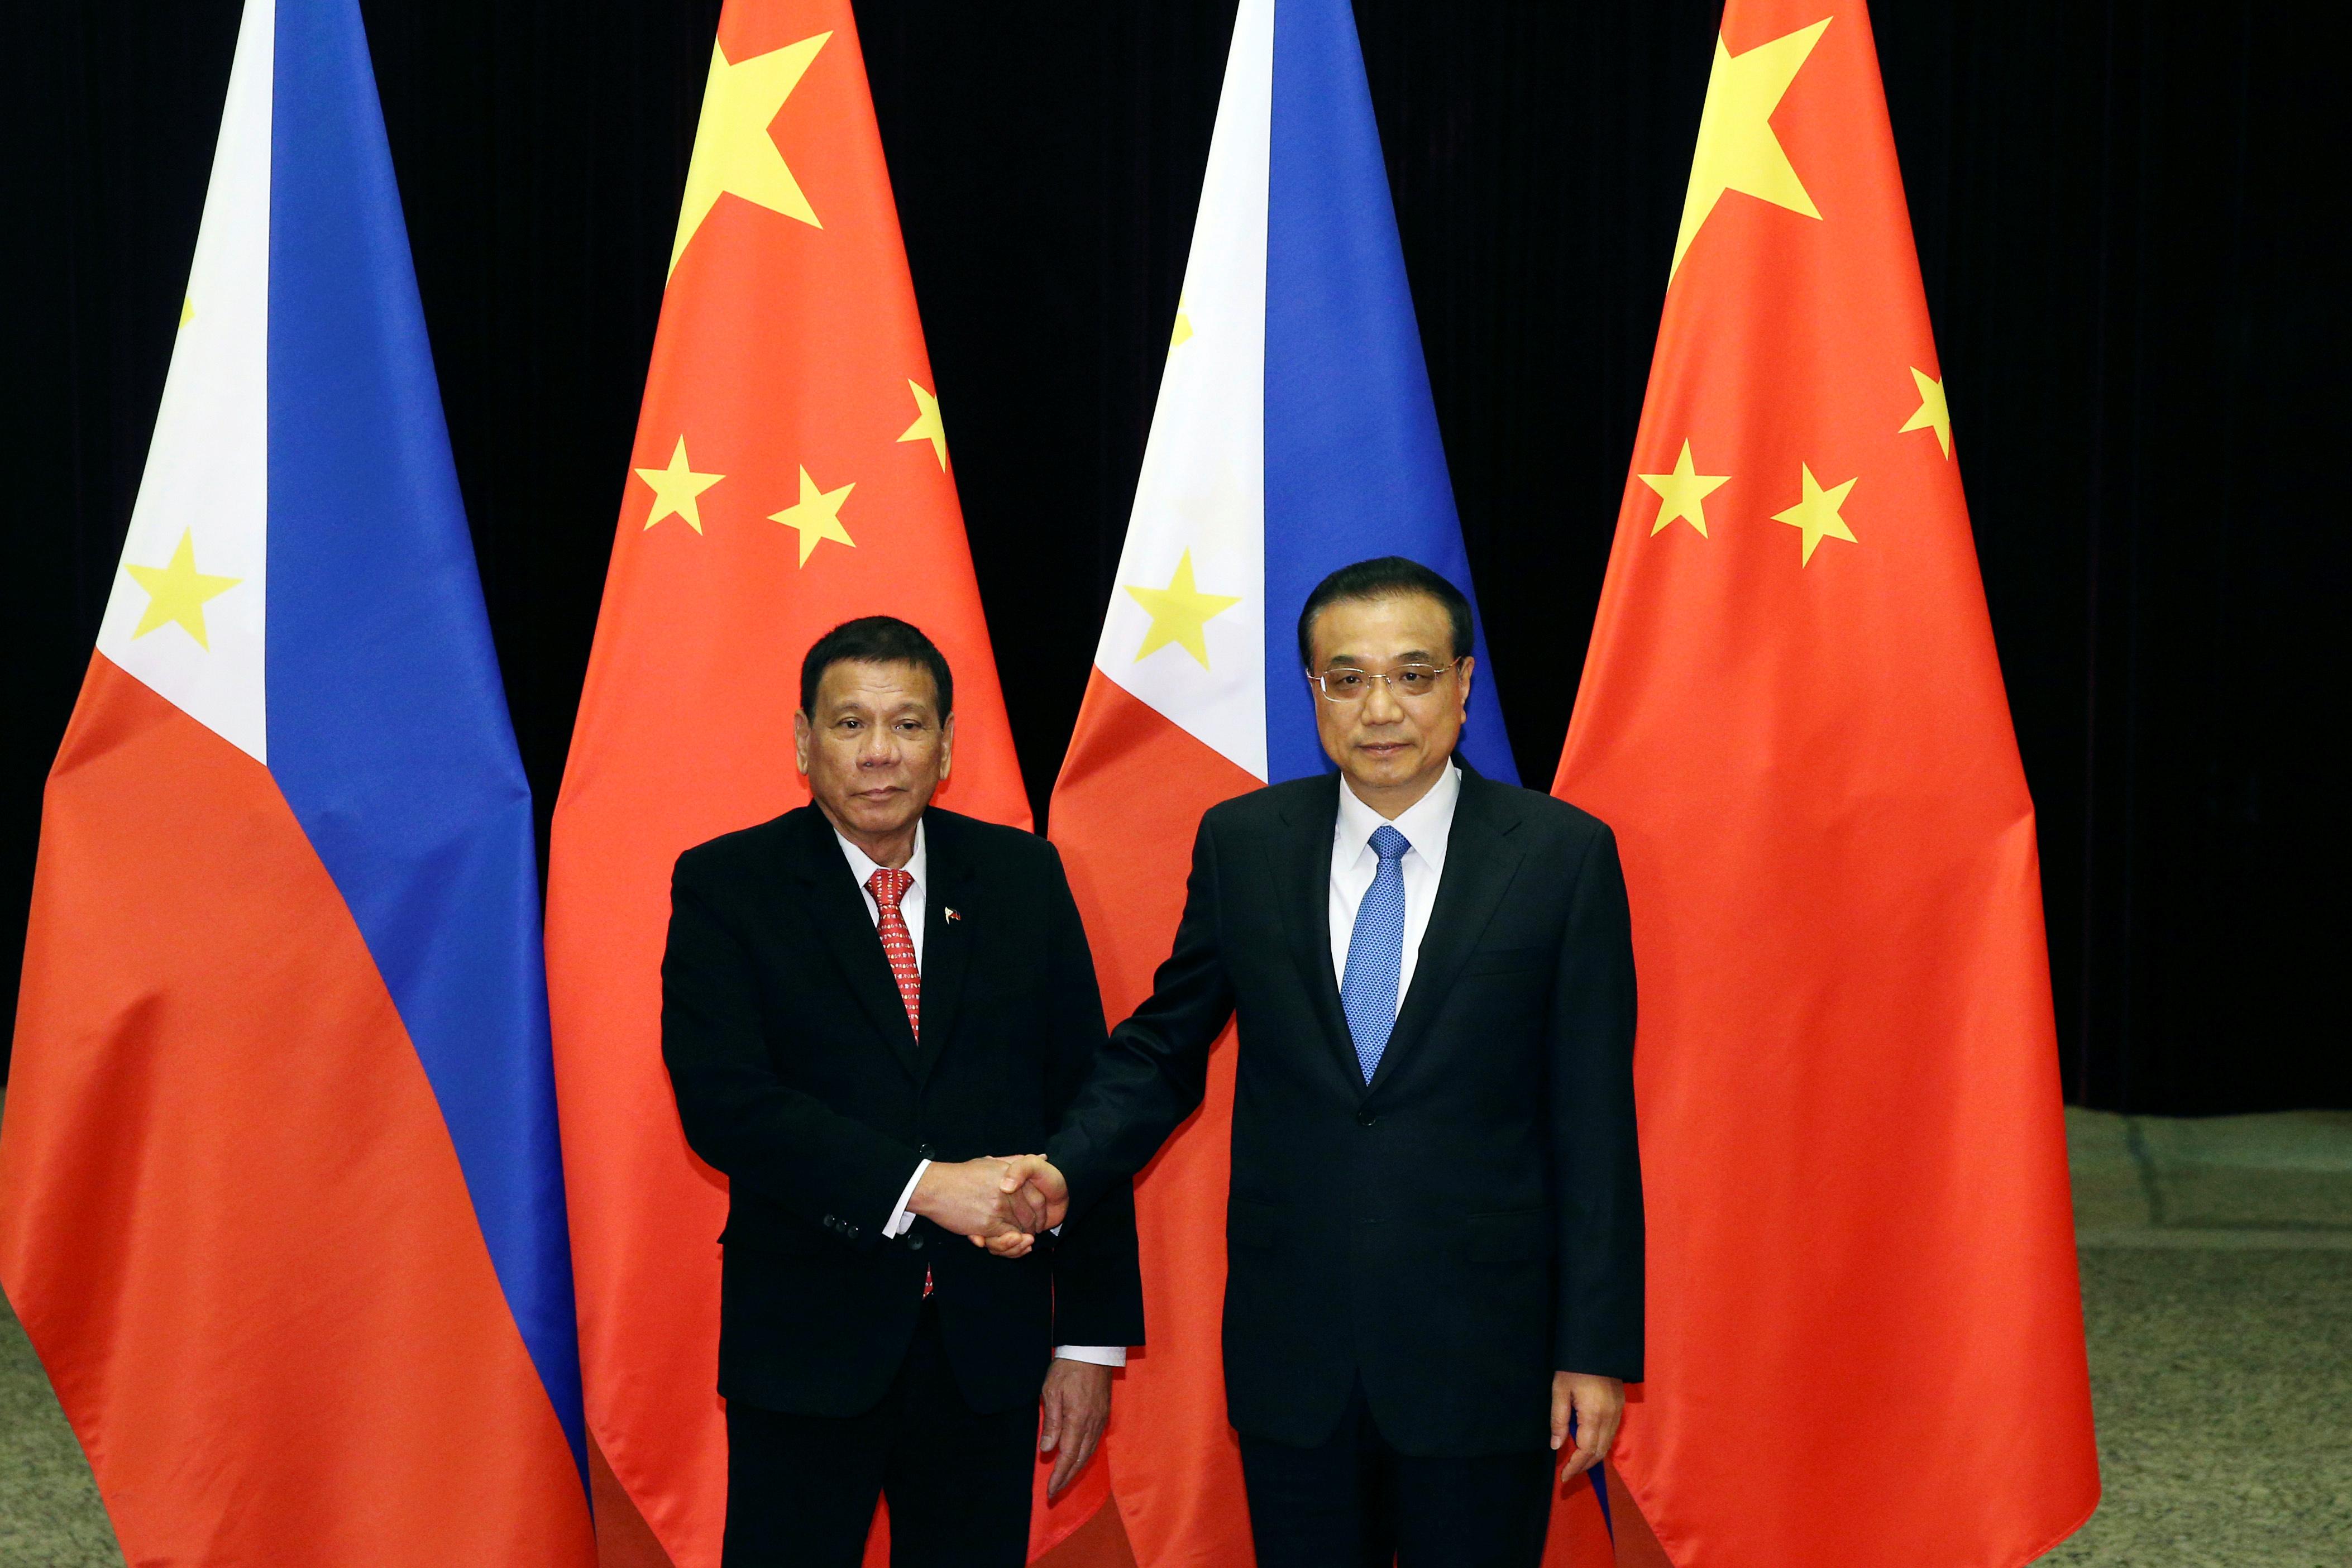 Philippines President Rodrigo Duterte shakes hands with Chinese Premier Li Keqiang.